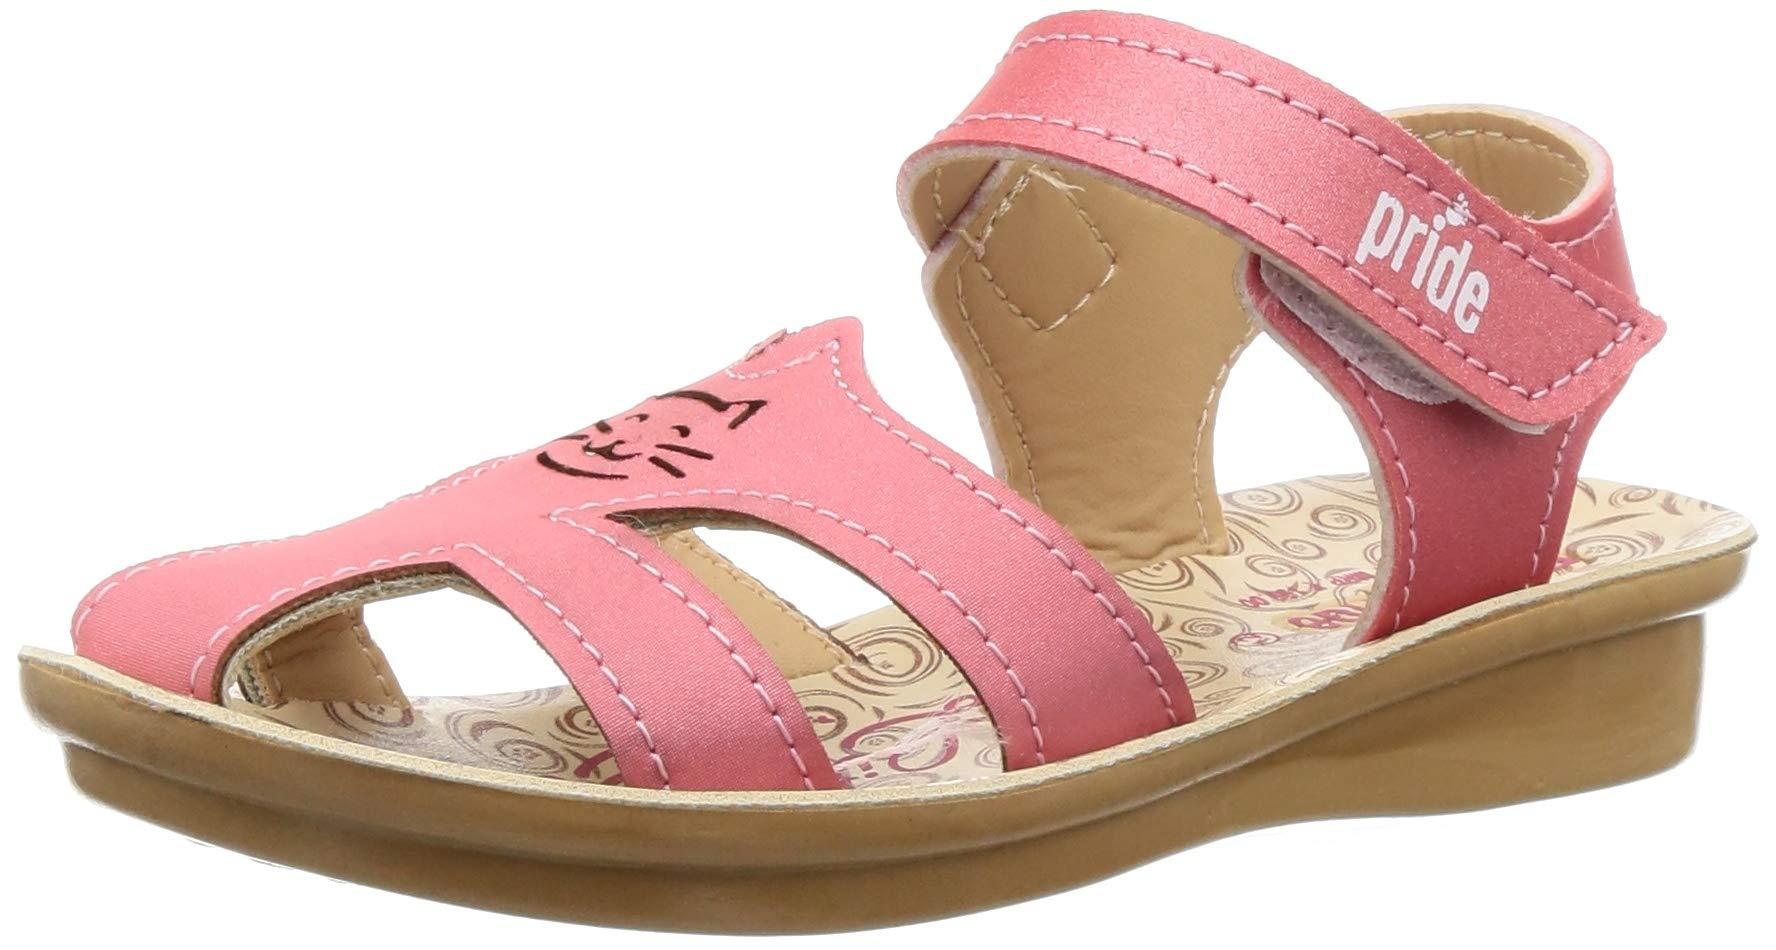 VKC Pride Girl's Outdoor Sandals- Buy